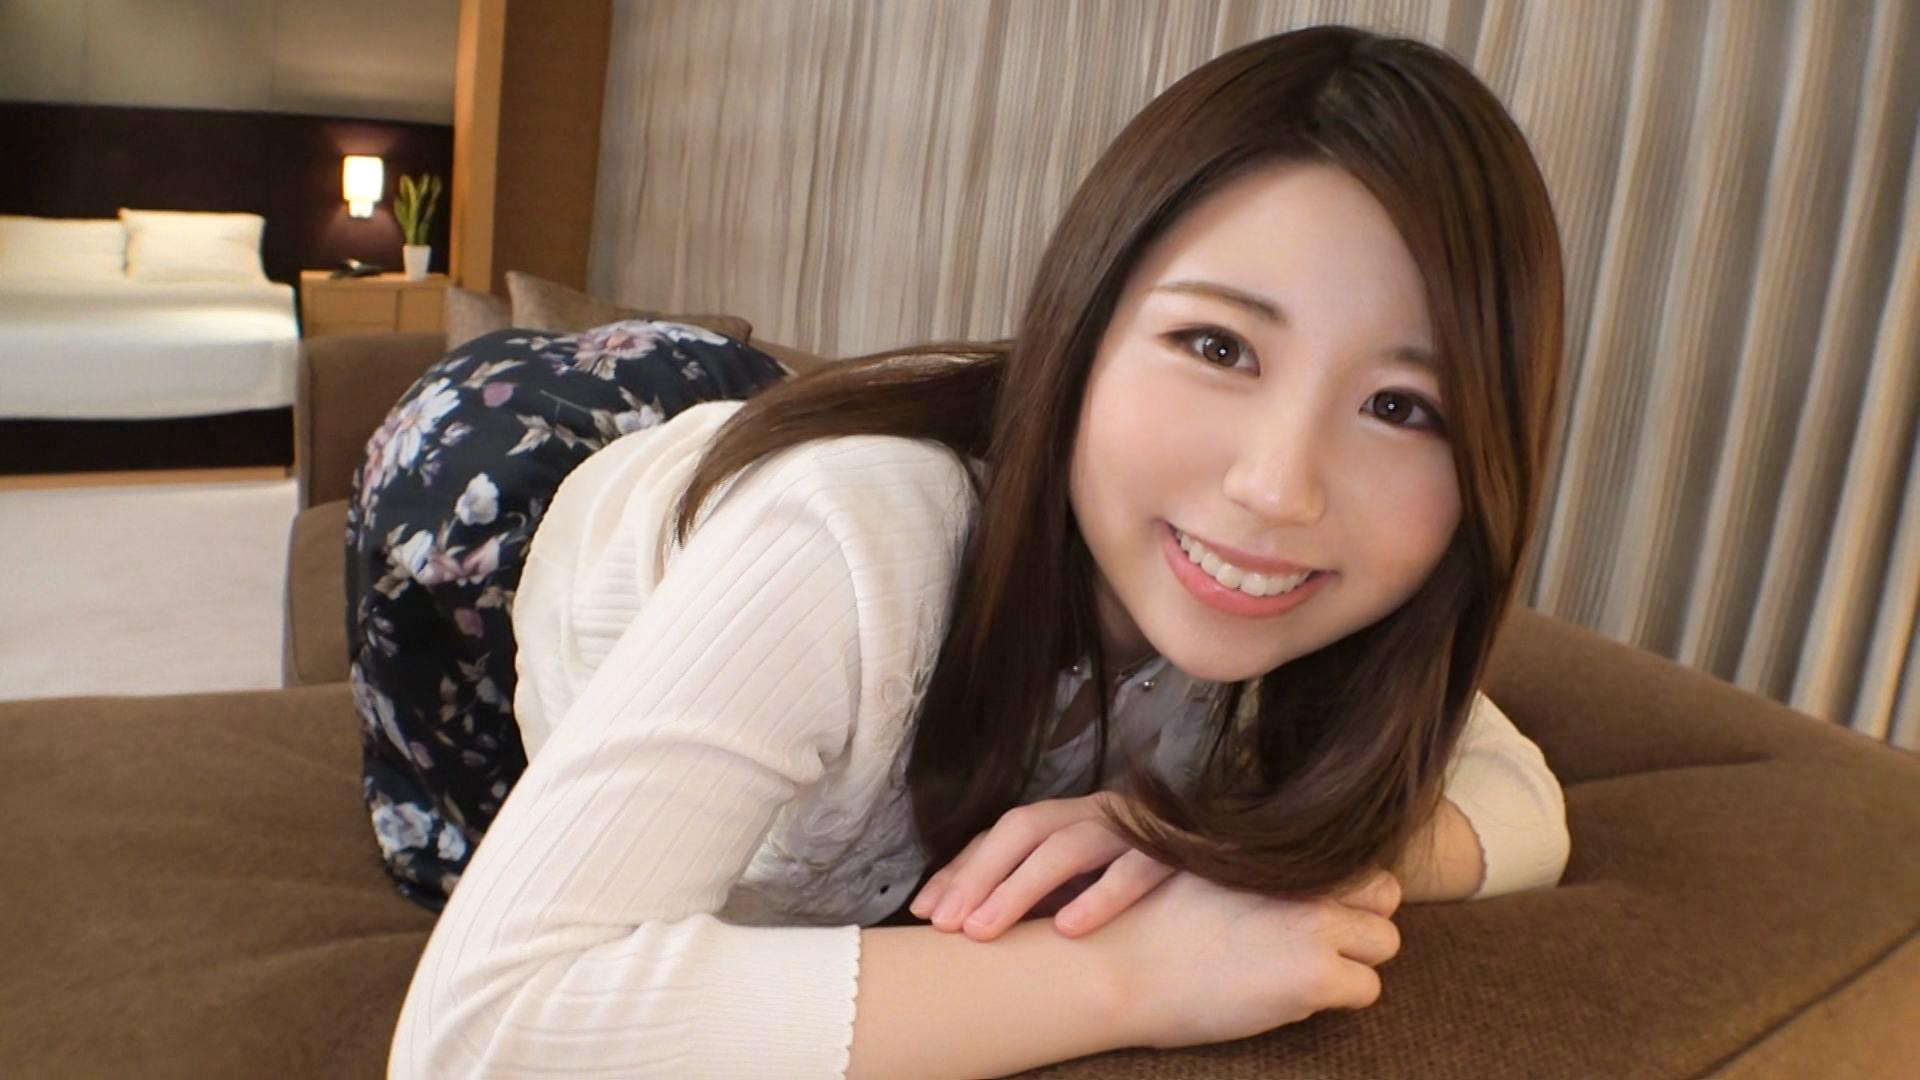 【初撮り】 応募素人、初AV撮影 147 ののか 22歳 大学4年生 SIRO-4178(井川ののか)